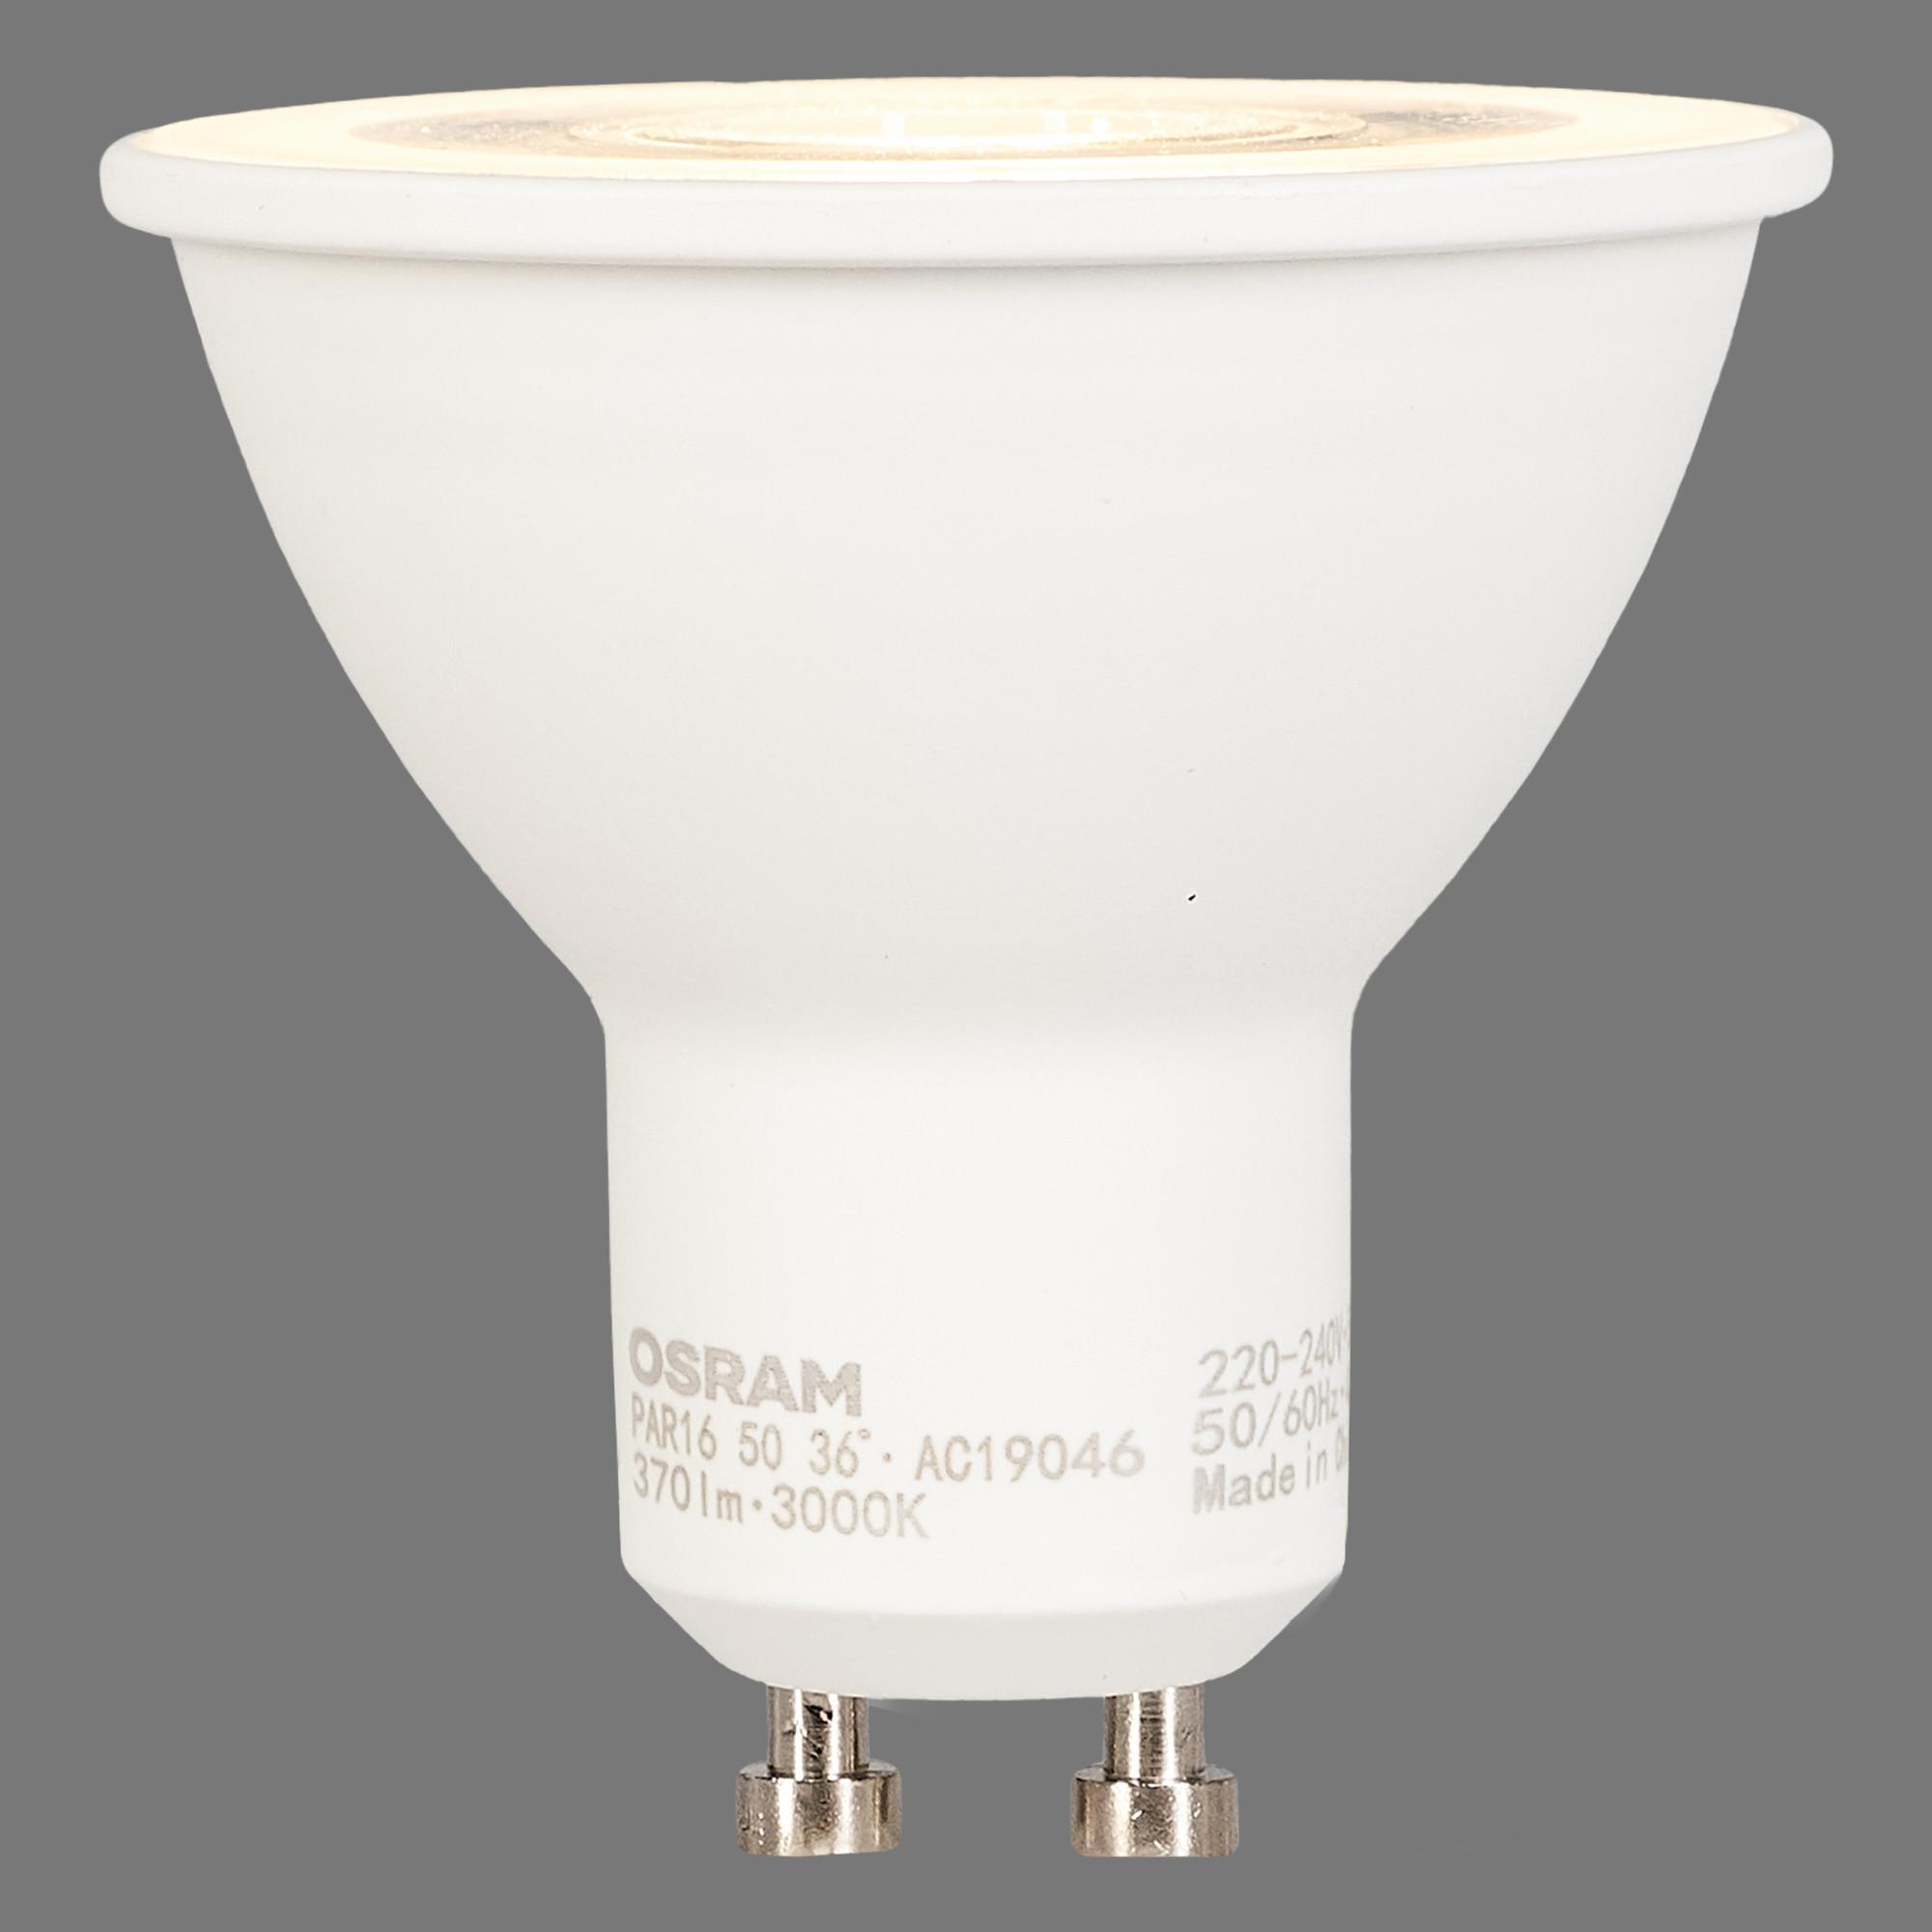 Лампа светодиодная Osram GU10 5 Вт спот прозрачная 370 лм тёплый белый свет